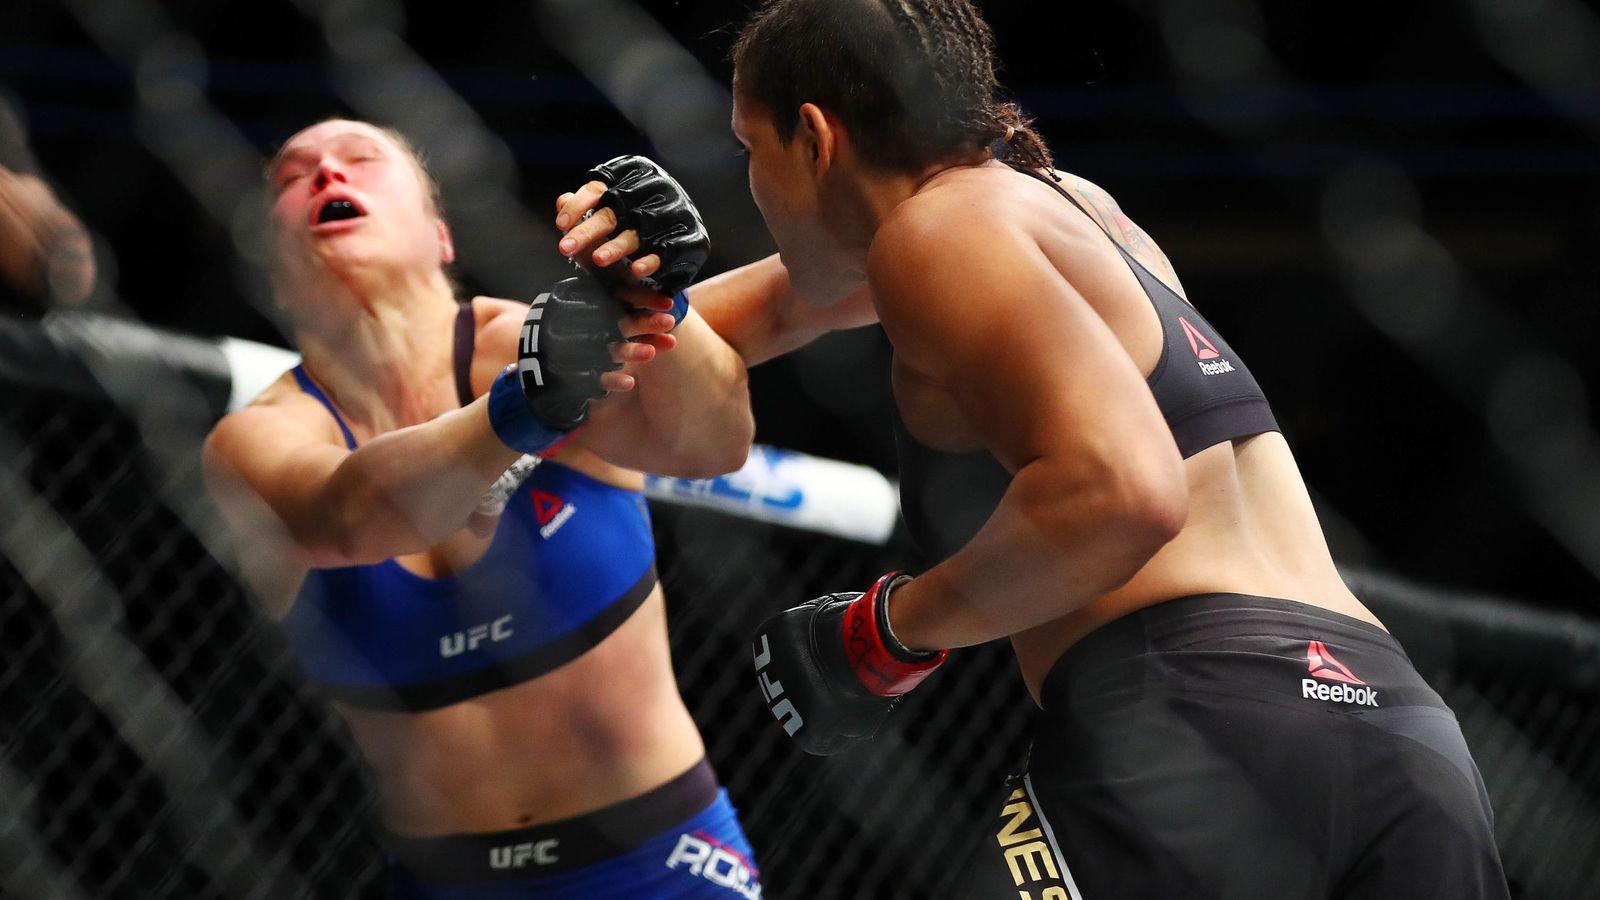 Foto: Ronda Rousey, al recibir el golpe que la hizo perder el combate (Reuters)